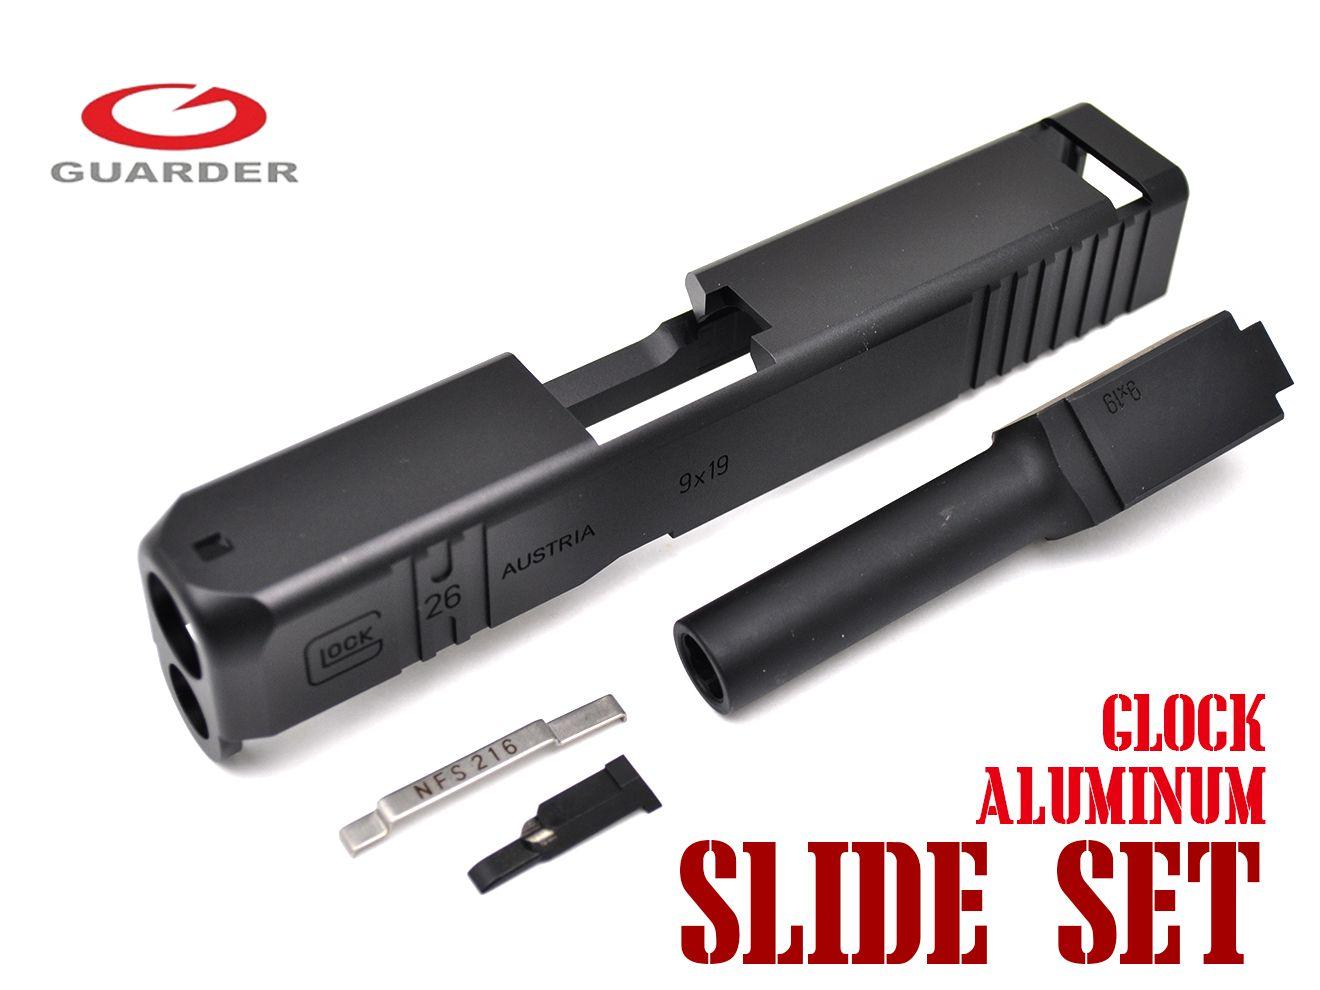 GUARDER CNC カスタムアルミスライド&スチールバレル キット TM G26 BK